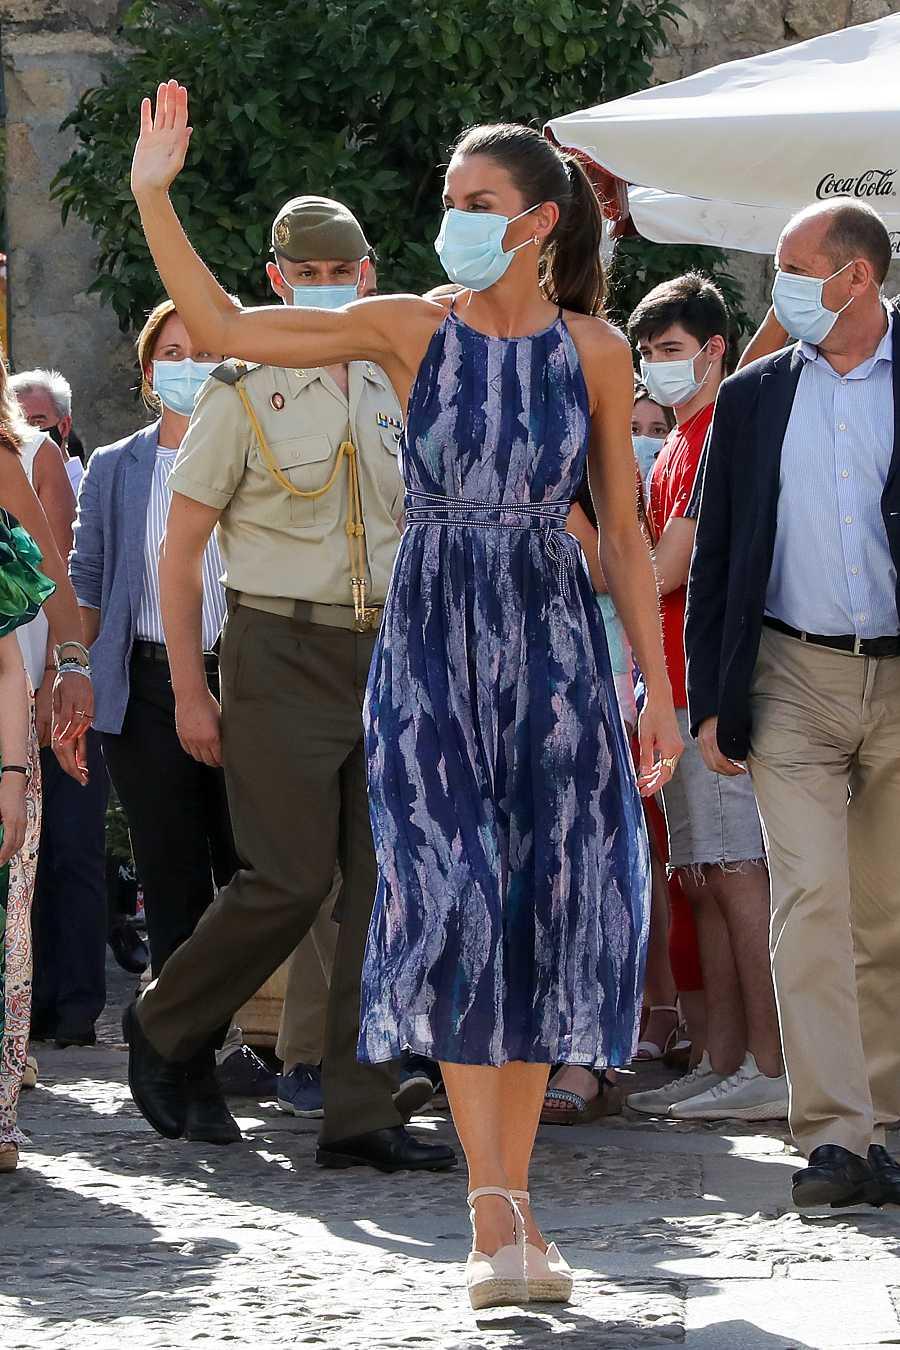 La reina Letizia en su visita a los Patios de Córdoba durante su viaje a Andalucía - 29 de junio de 2020